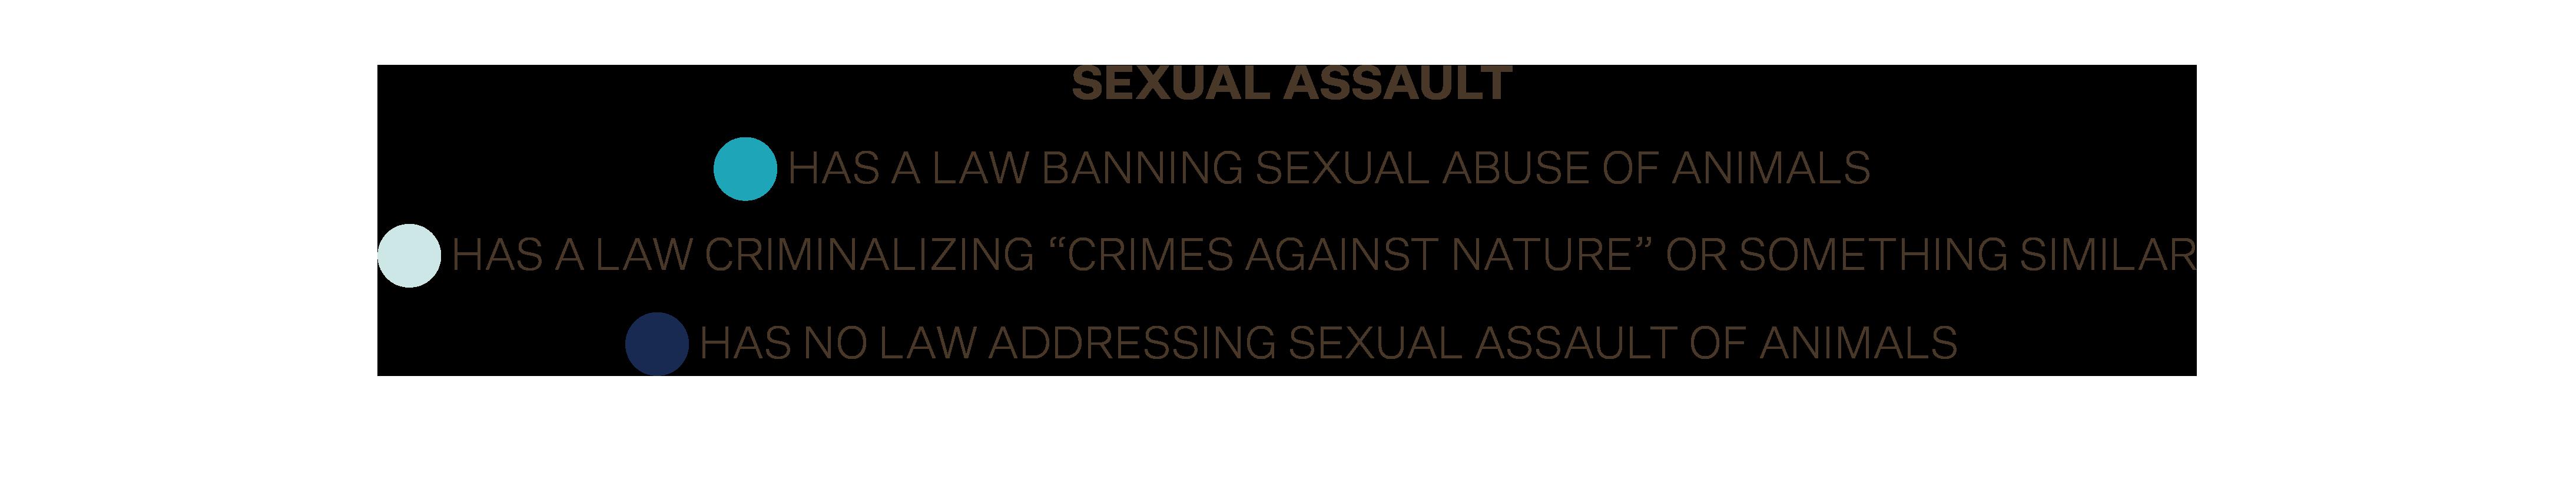 2019 Trend Report: Sexual Assault of Animals